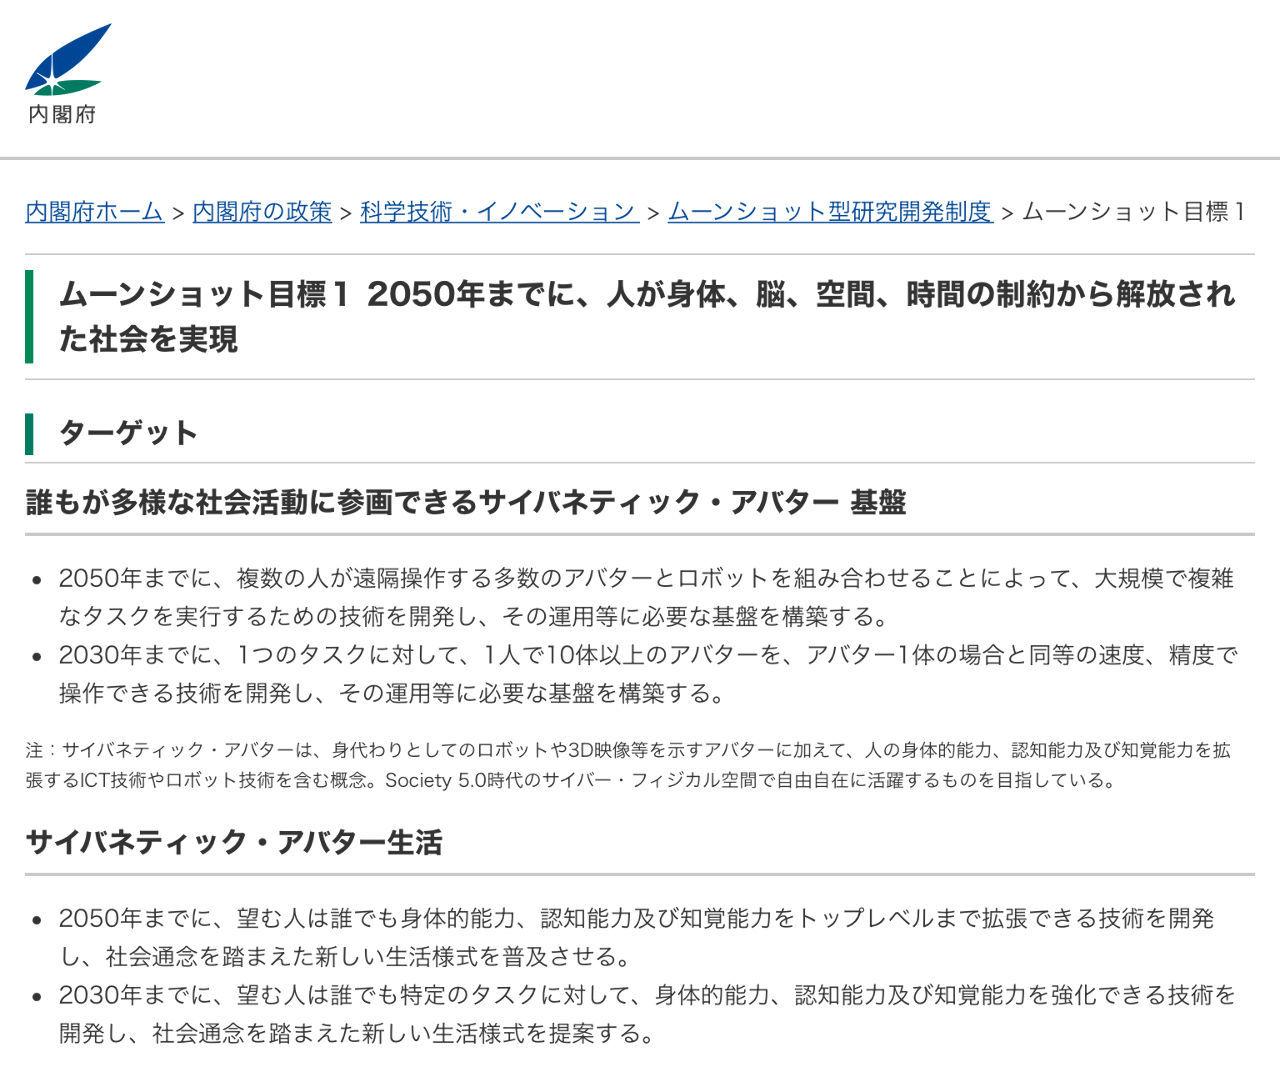 あめちゃん2 ムーンショット